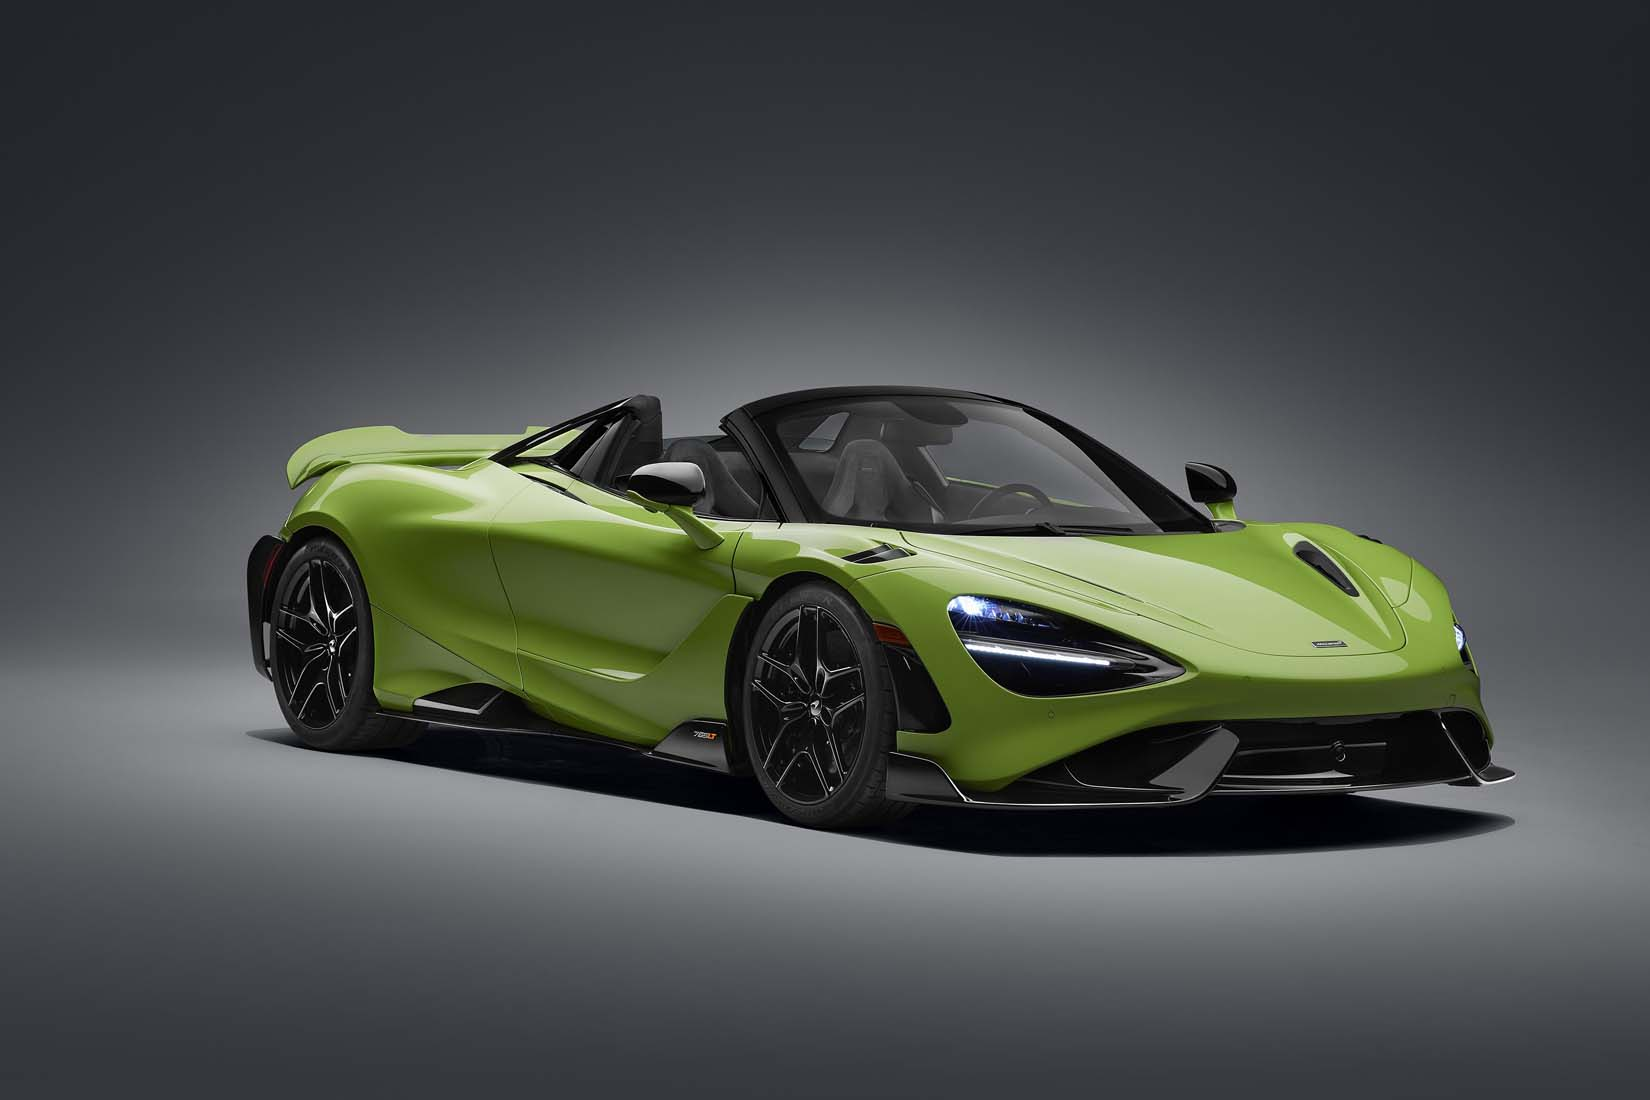 McLaren unveils its most venomous spider - the 765LT